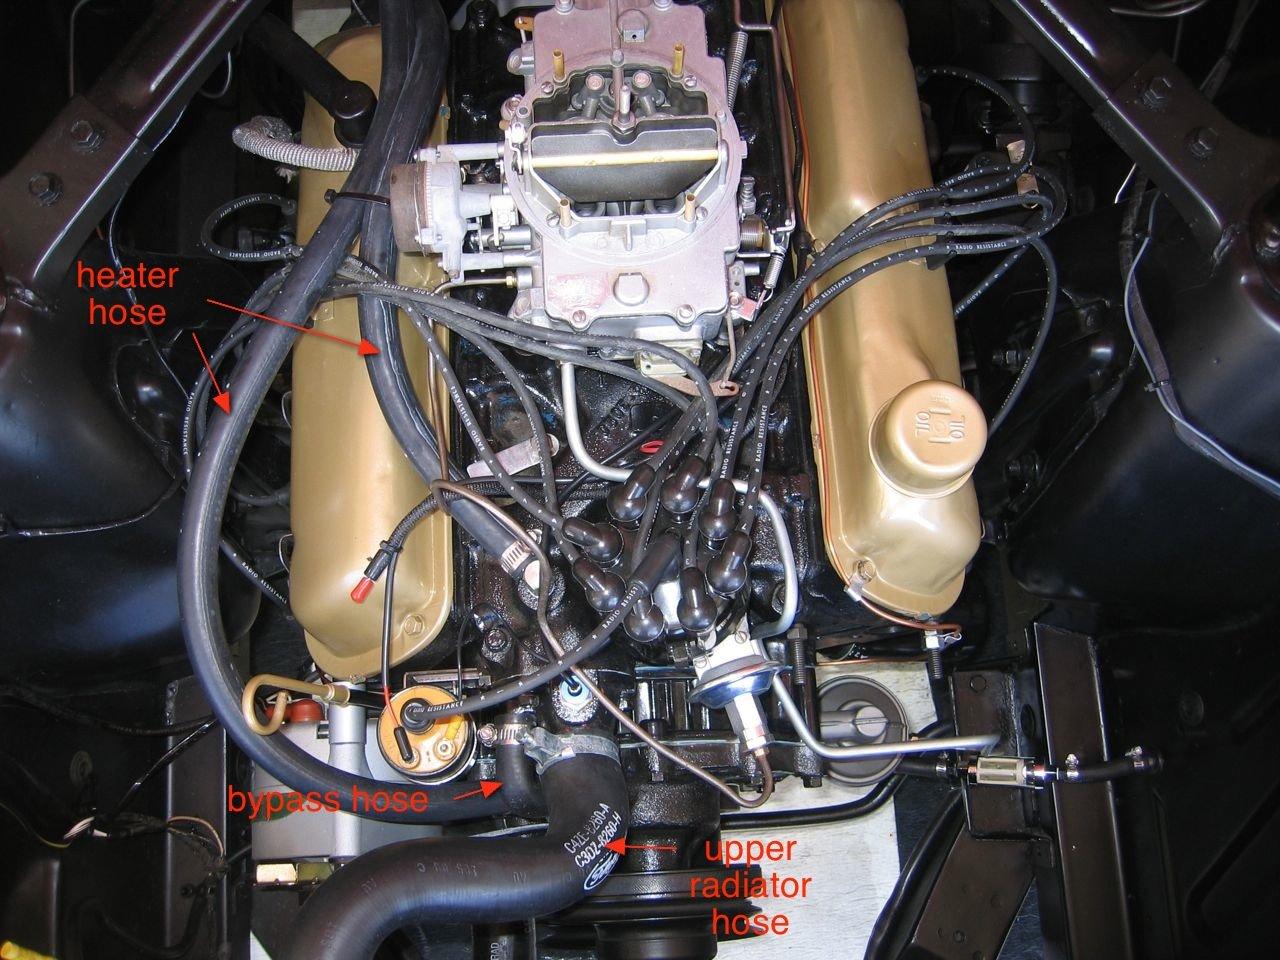 67 camaro wiper wiring diagram 1966 mustang radiator fluid ford mustang forum  1966 mustang radiator fluid ford mustang forum